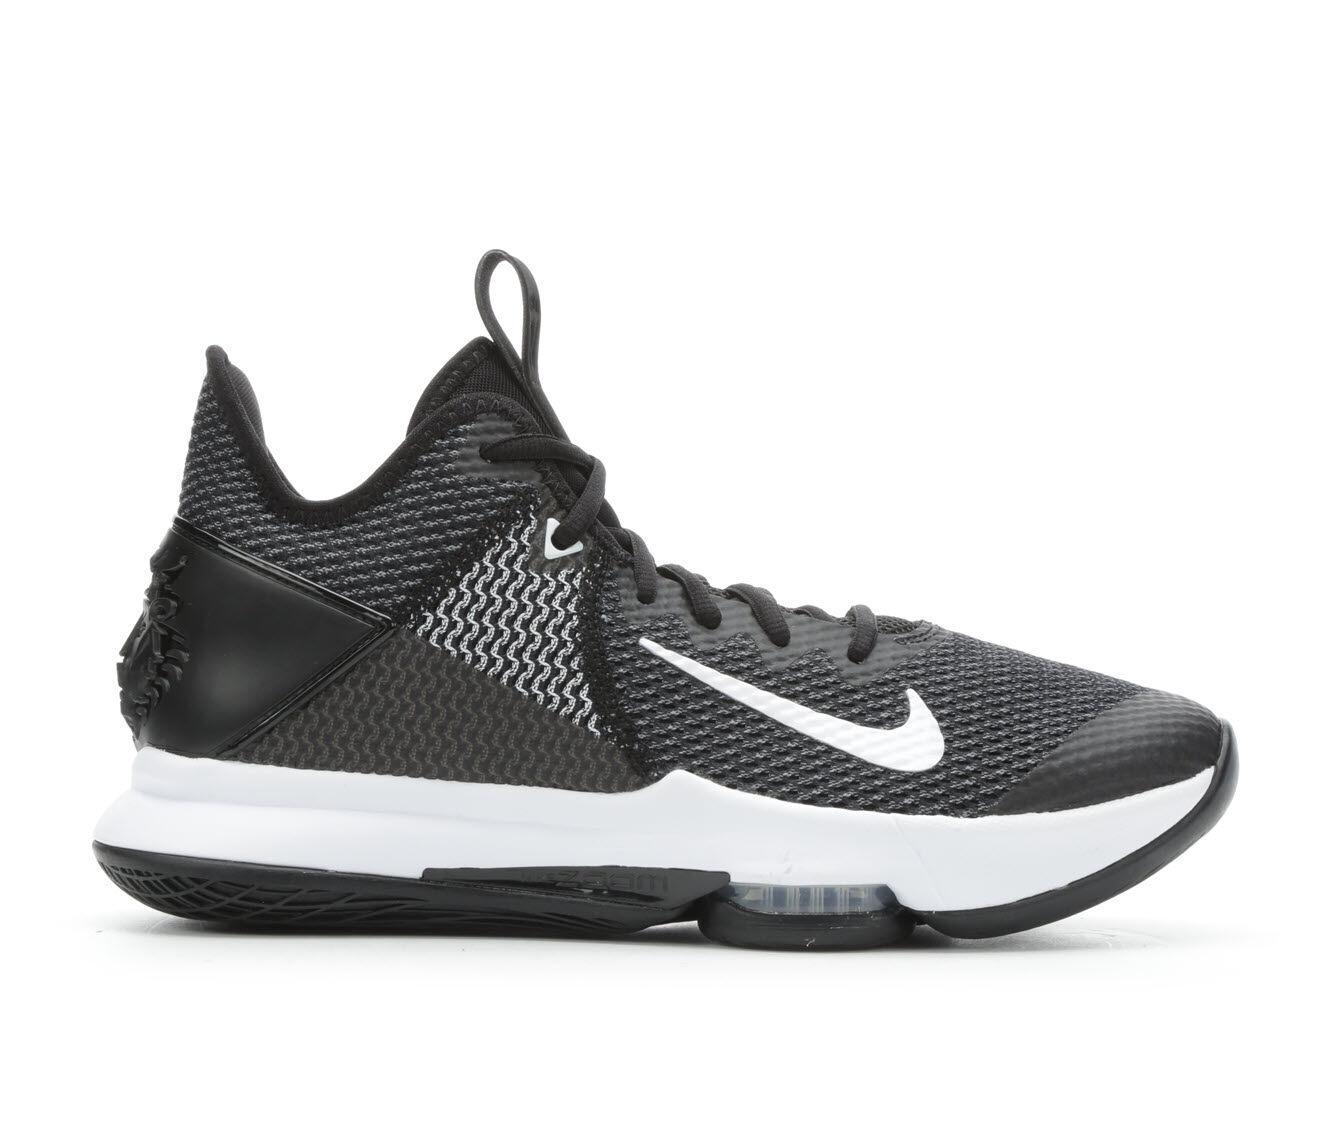 Men's Nike Lebron Witness IV Basketball